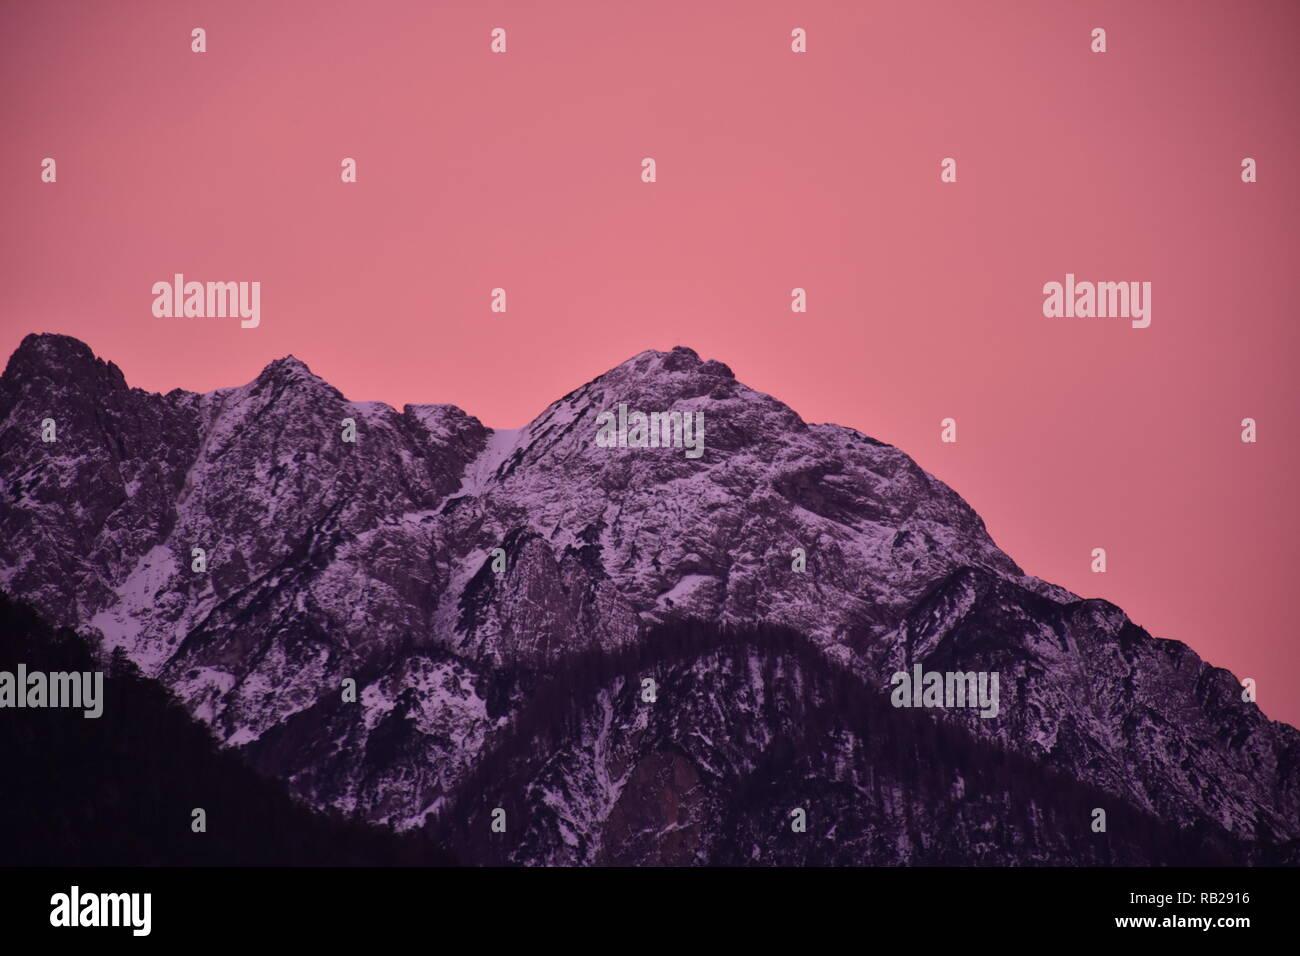 Osttirol, Lienzer Dolomiten, Lienz, Winter, Schnee, Gipfel, Dämmerung, Abend, Abendrot, Abenddämmerung, Morgen, Morgenrot, Morgendämmerung, Spitzkofel Stock Photo